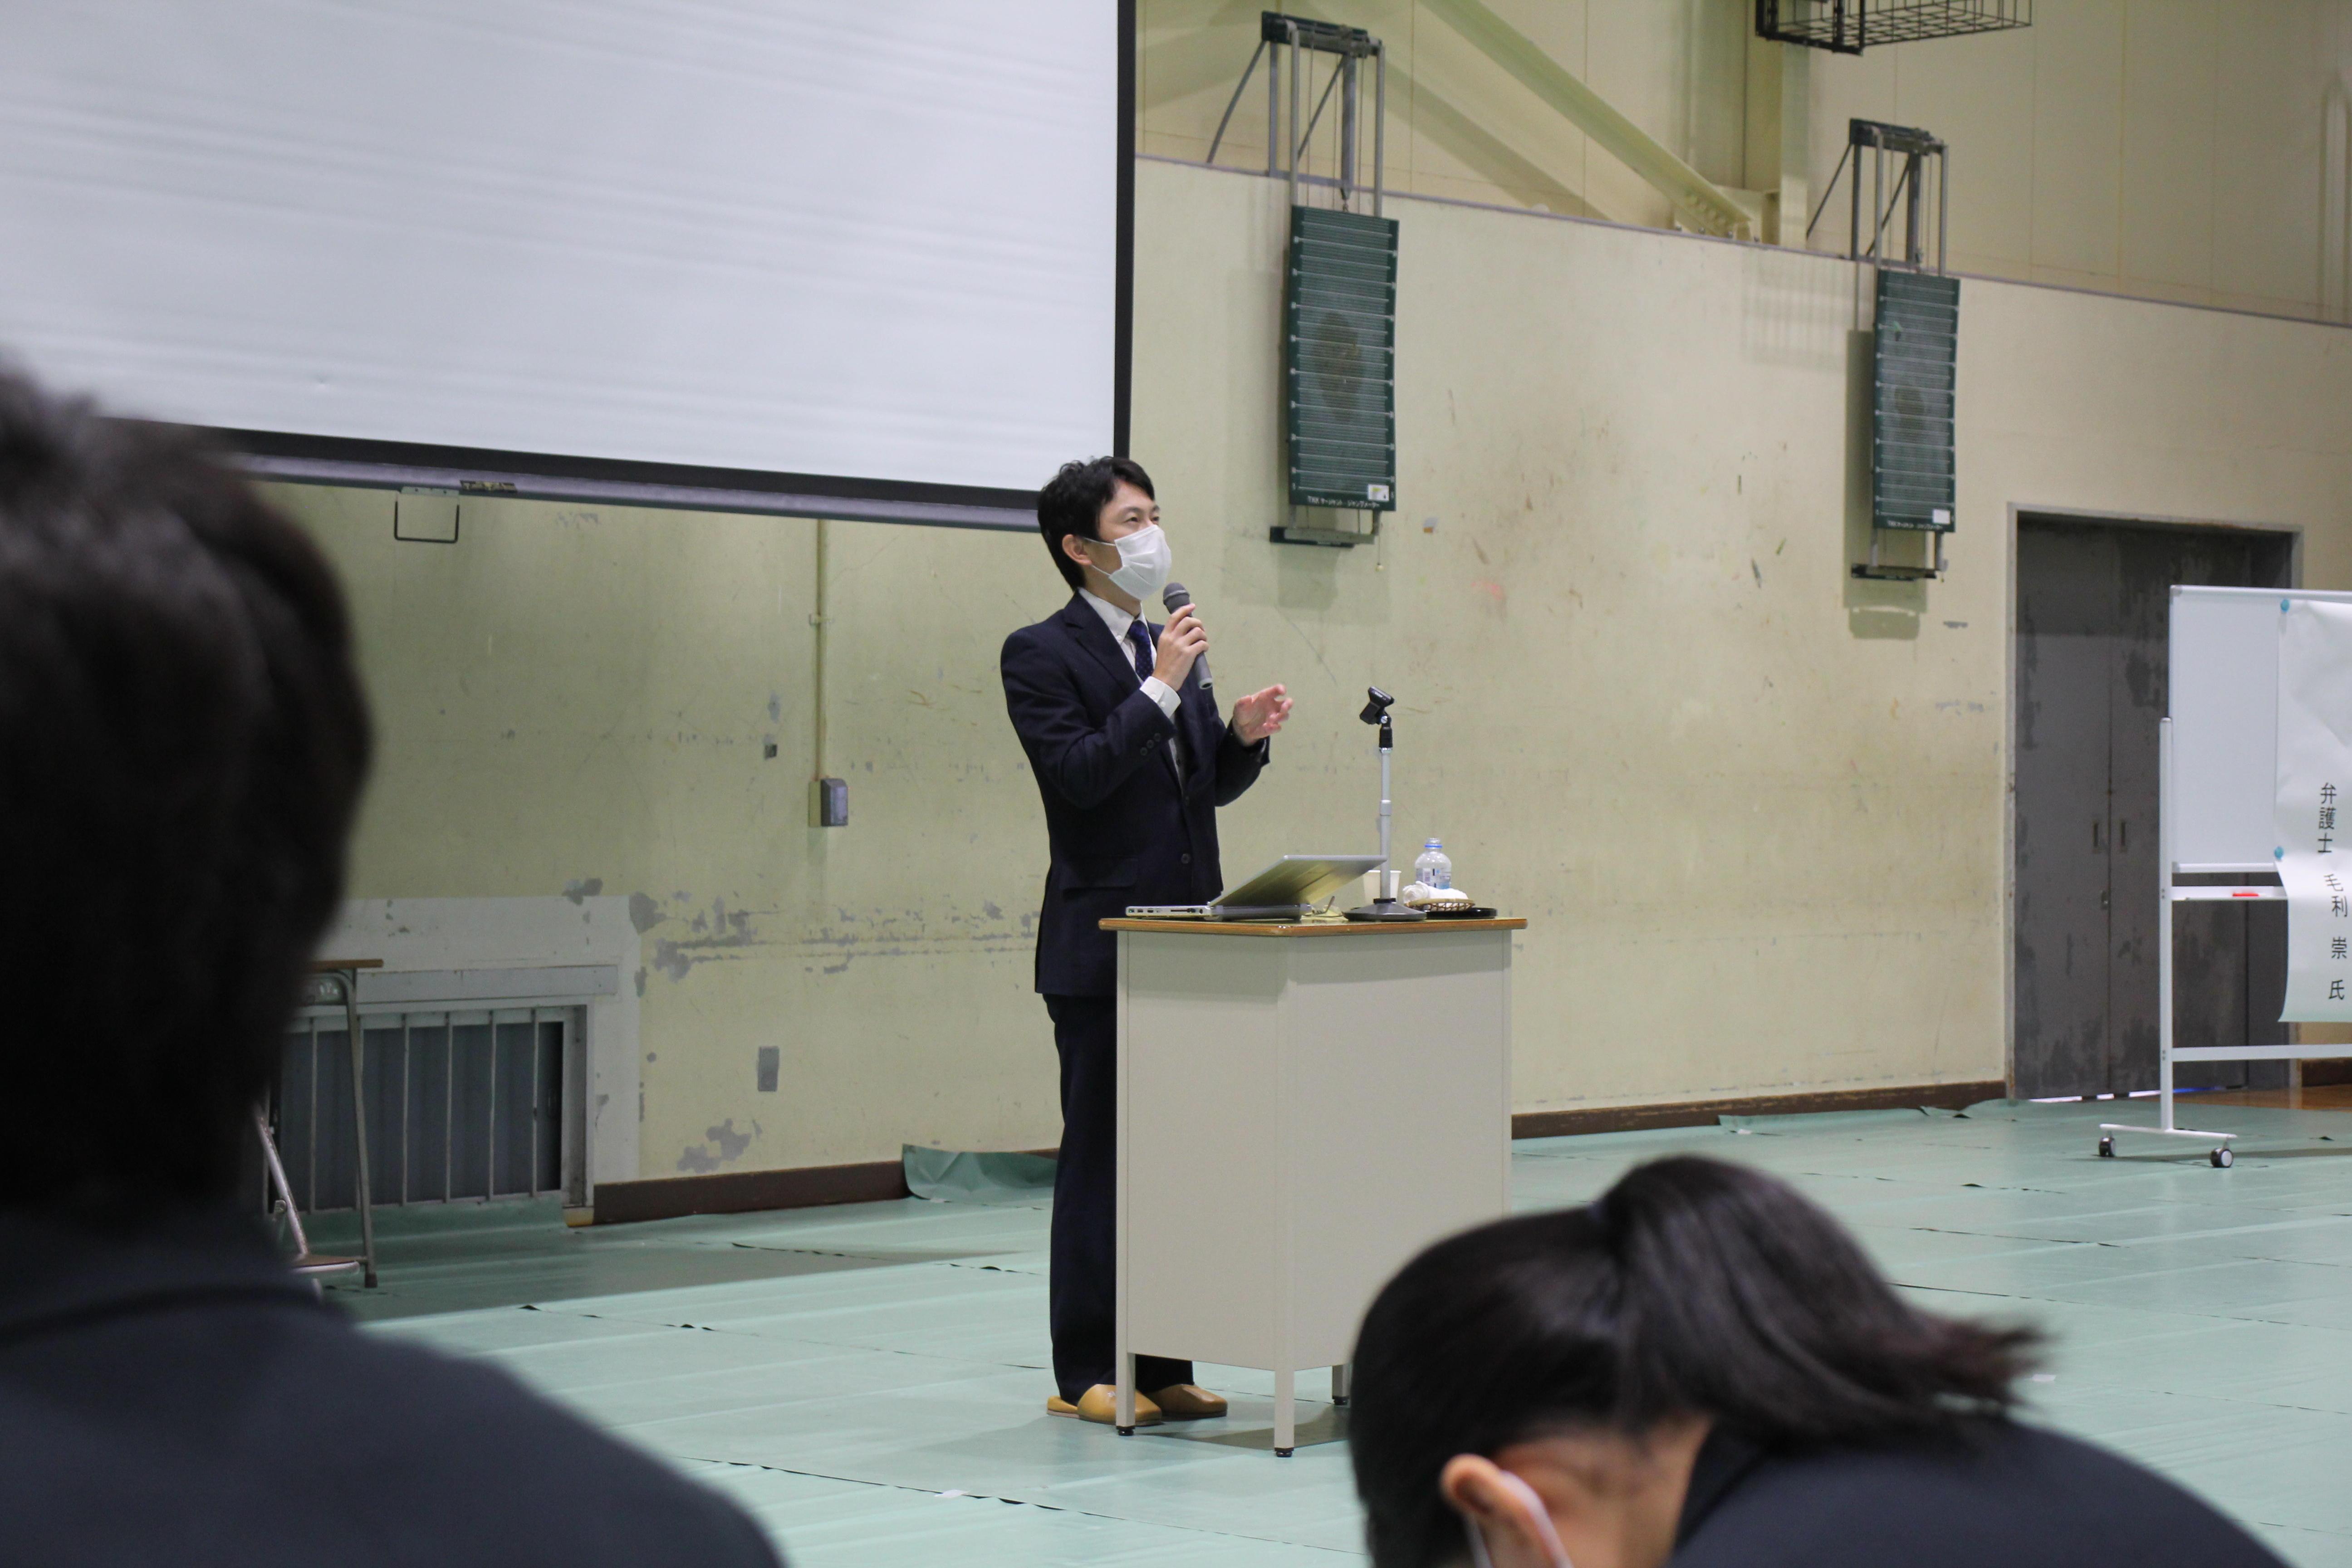 http://www.kyoto-be.ne.jp/kouyou-hs/mt/school_life/images/IMG_0155.JPG